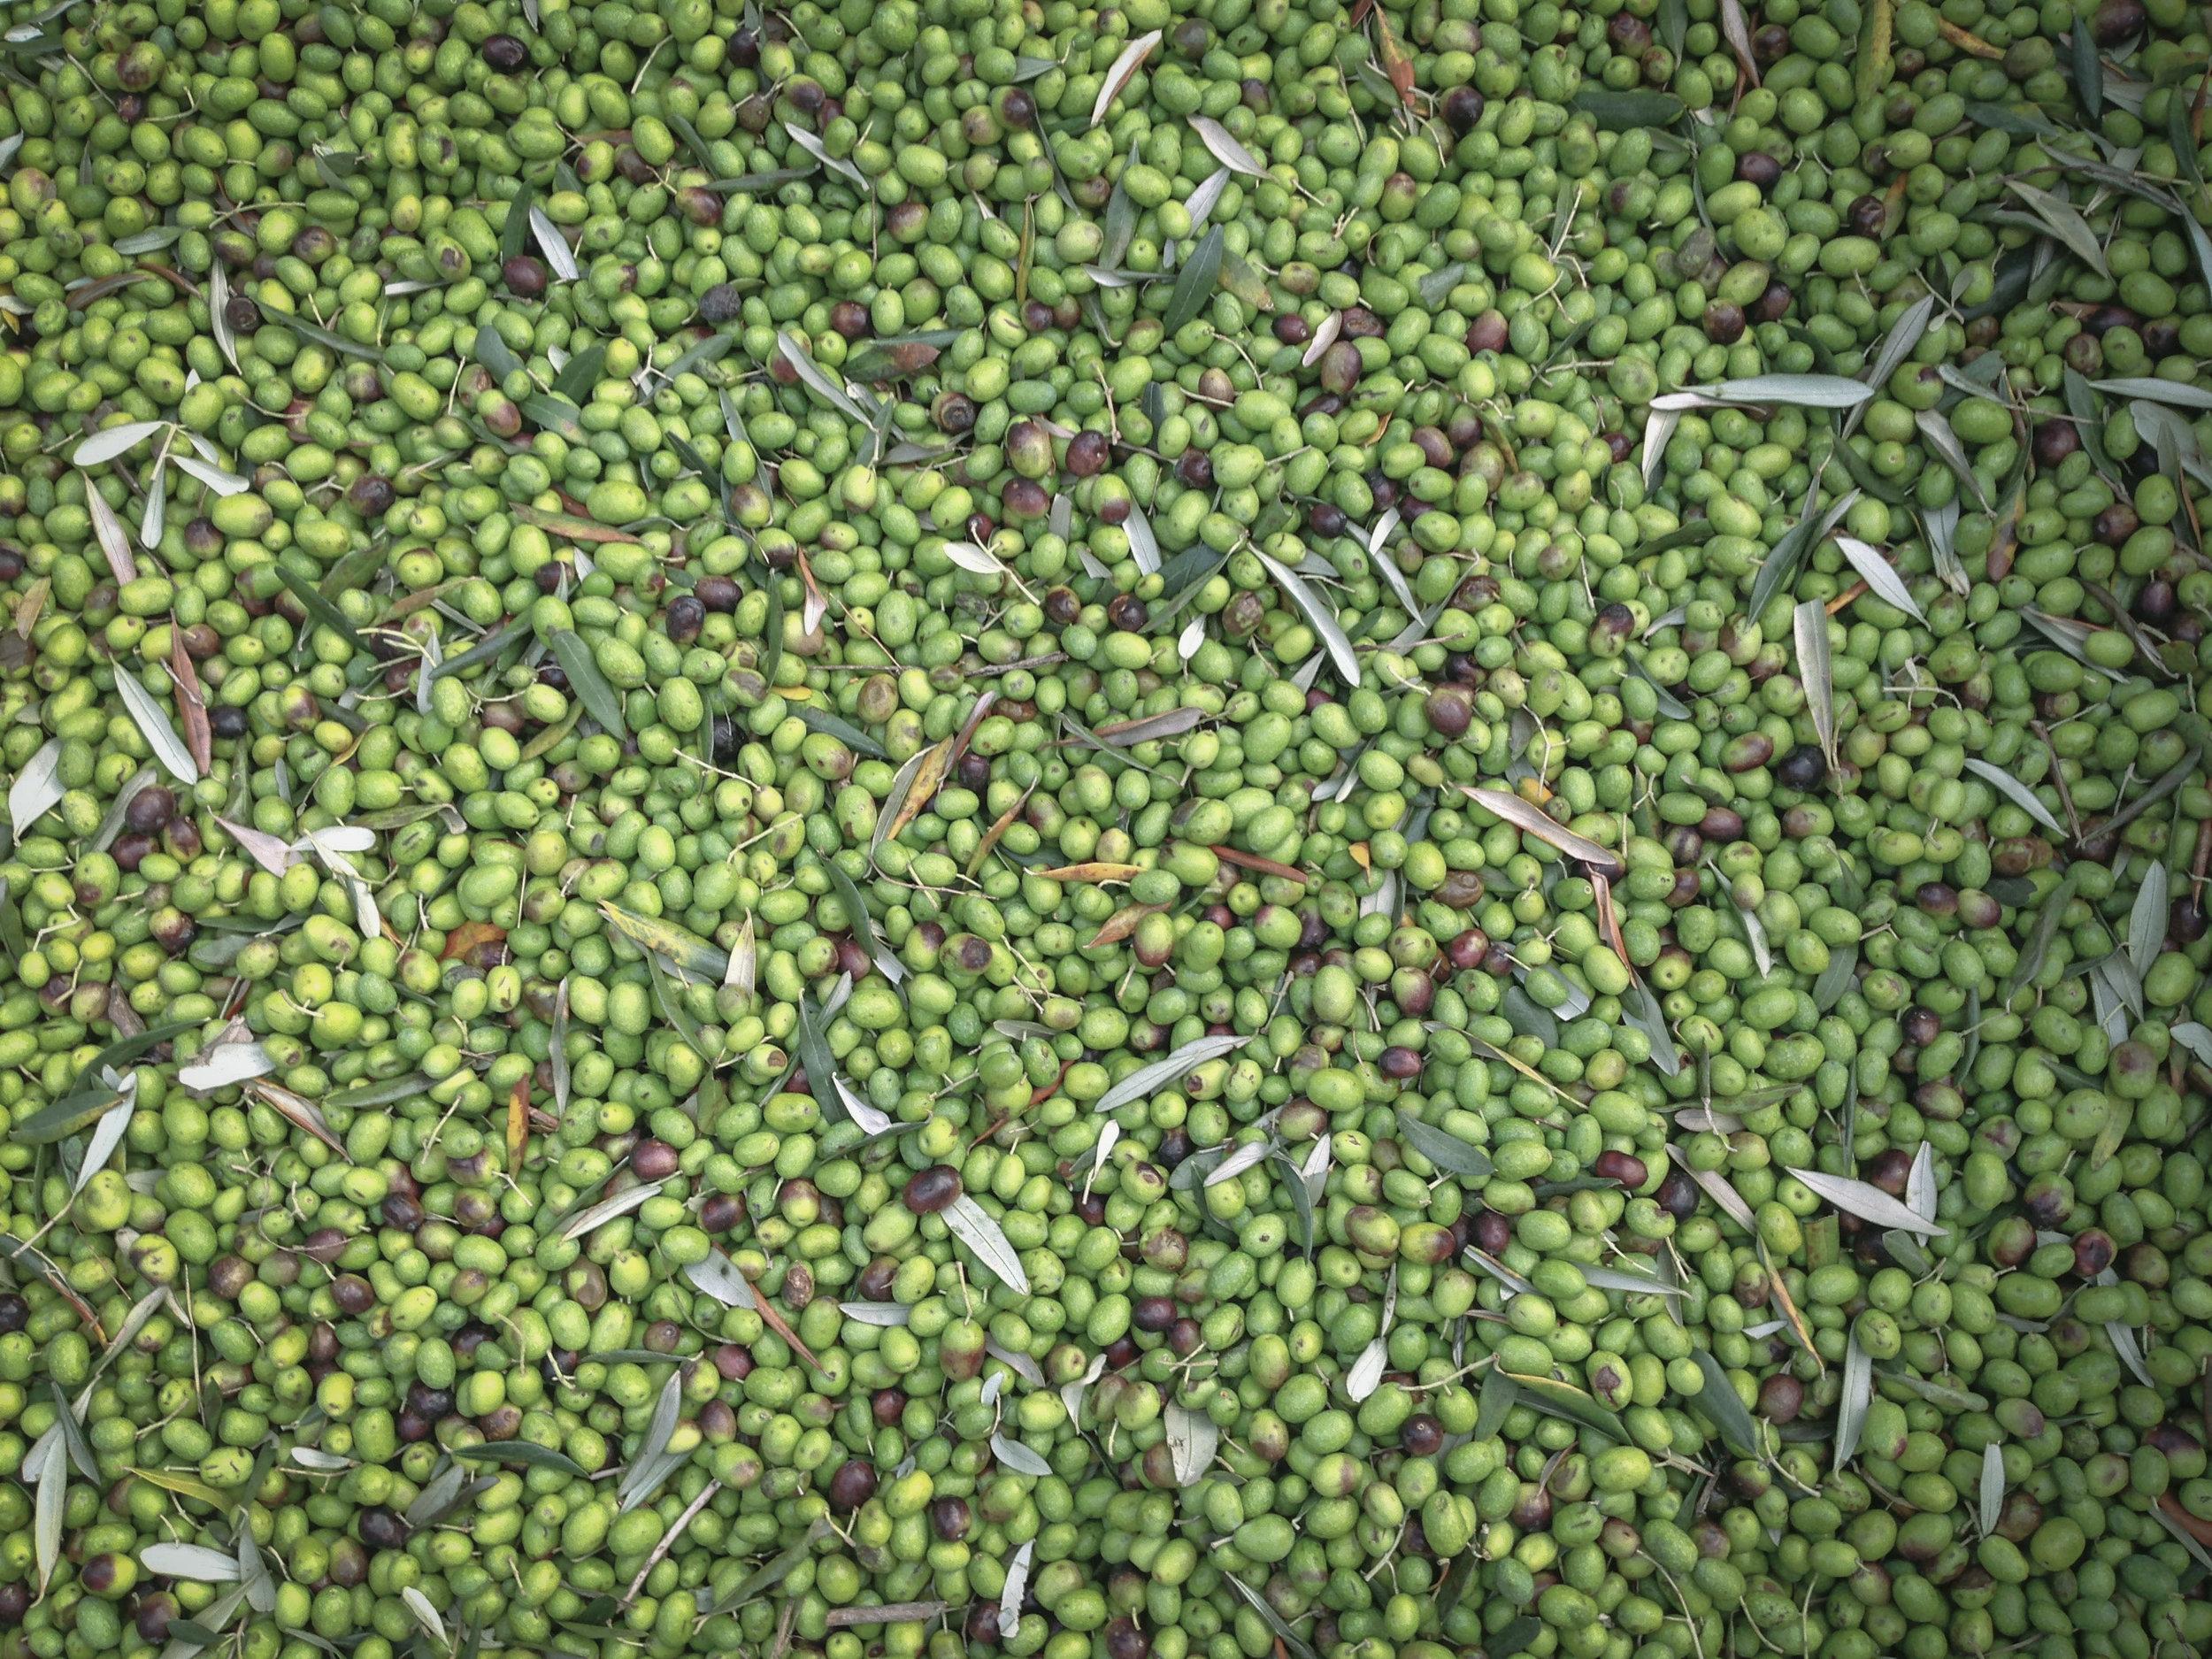 Nanda's Olives